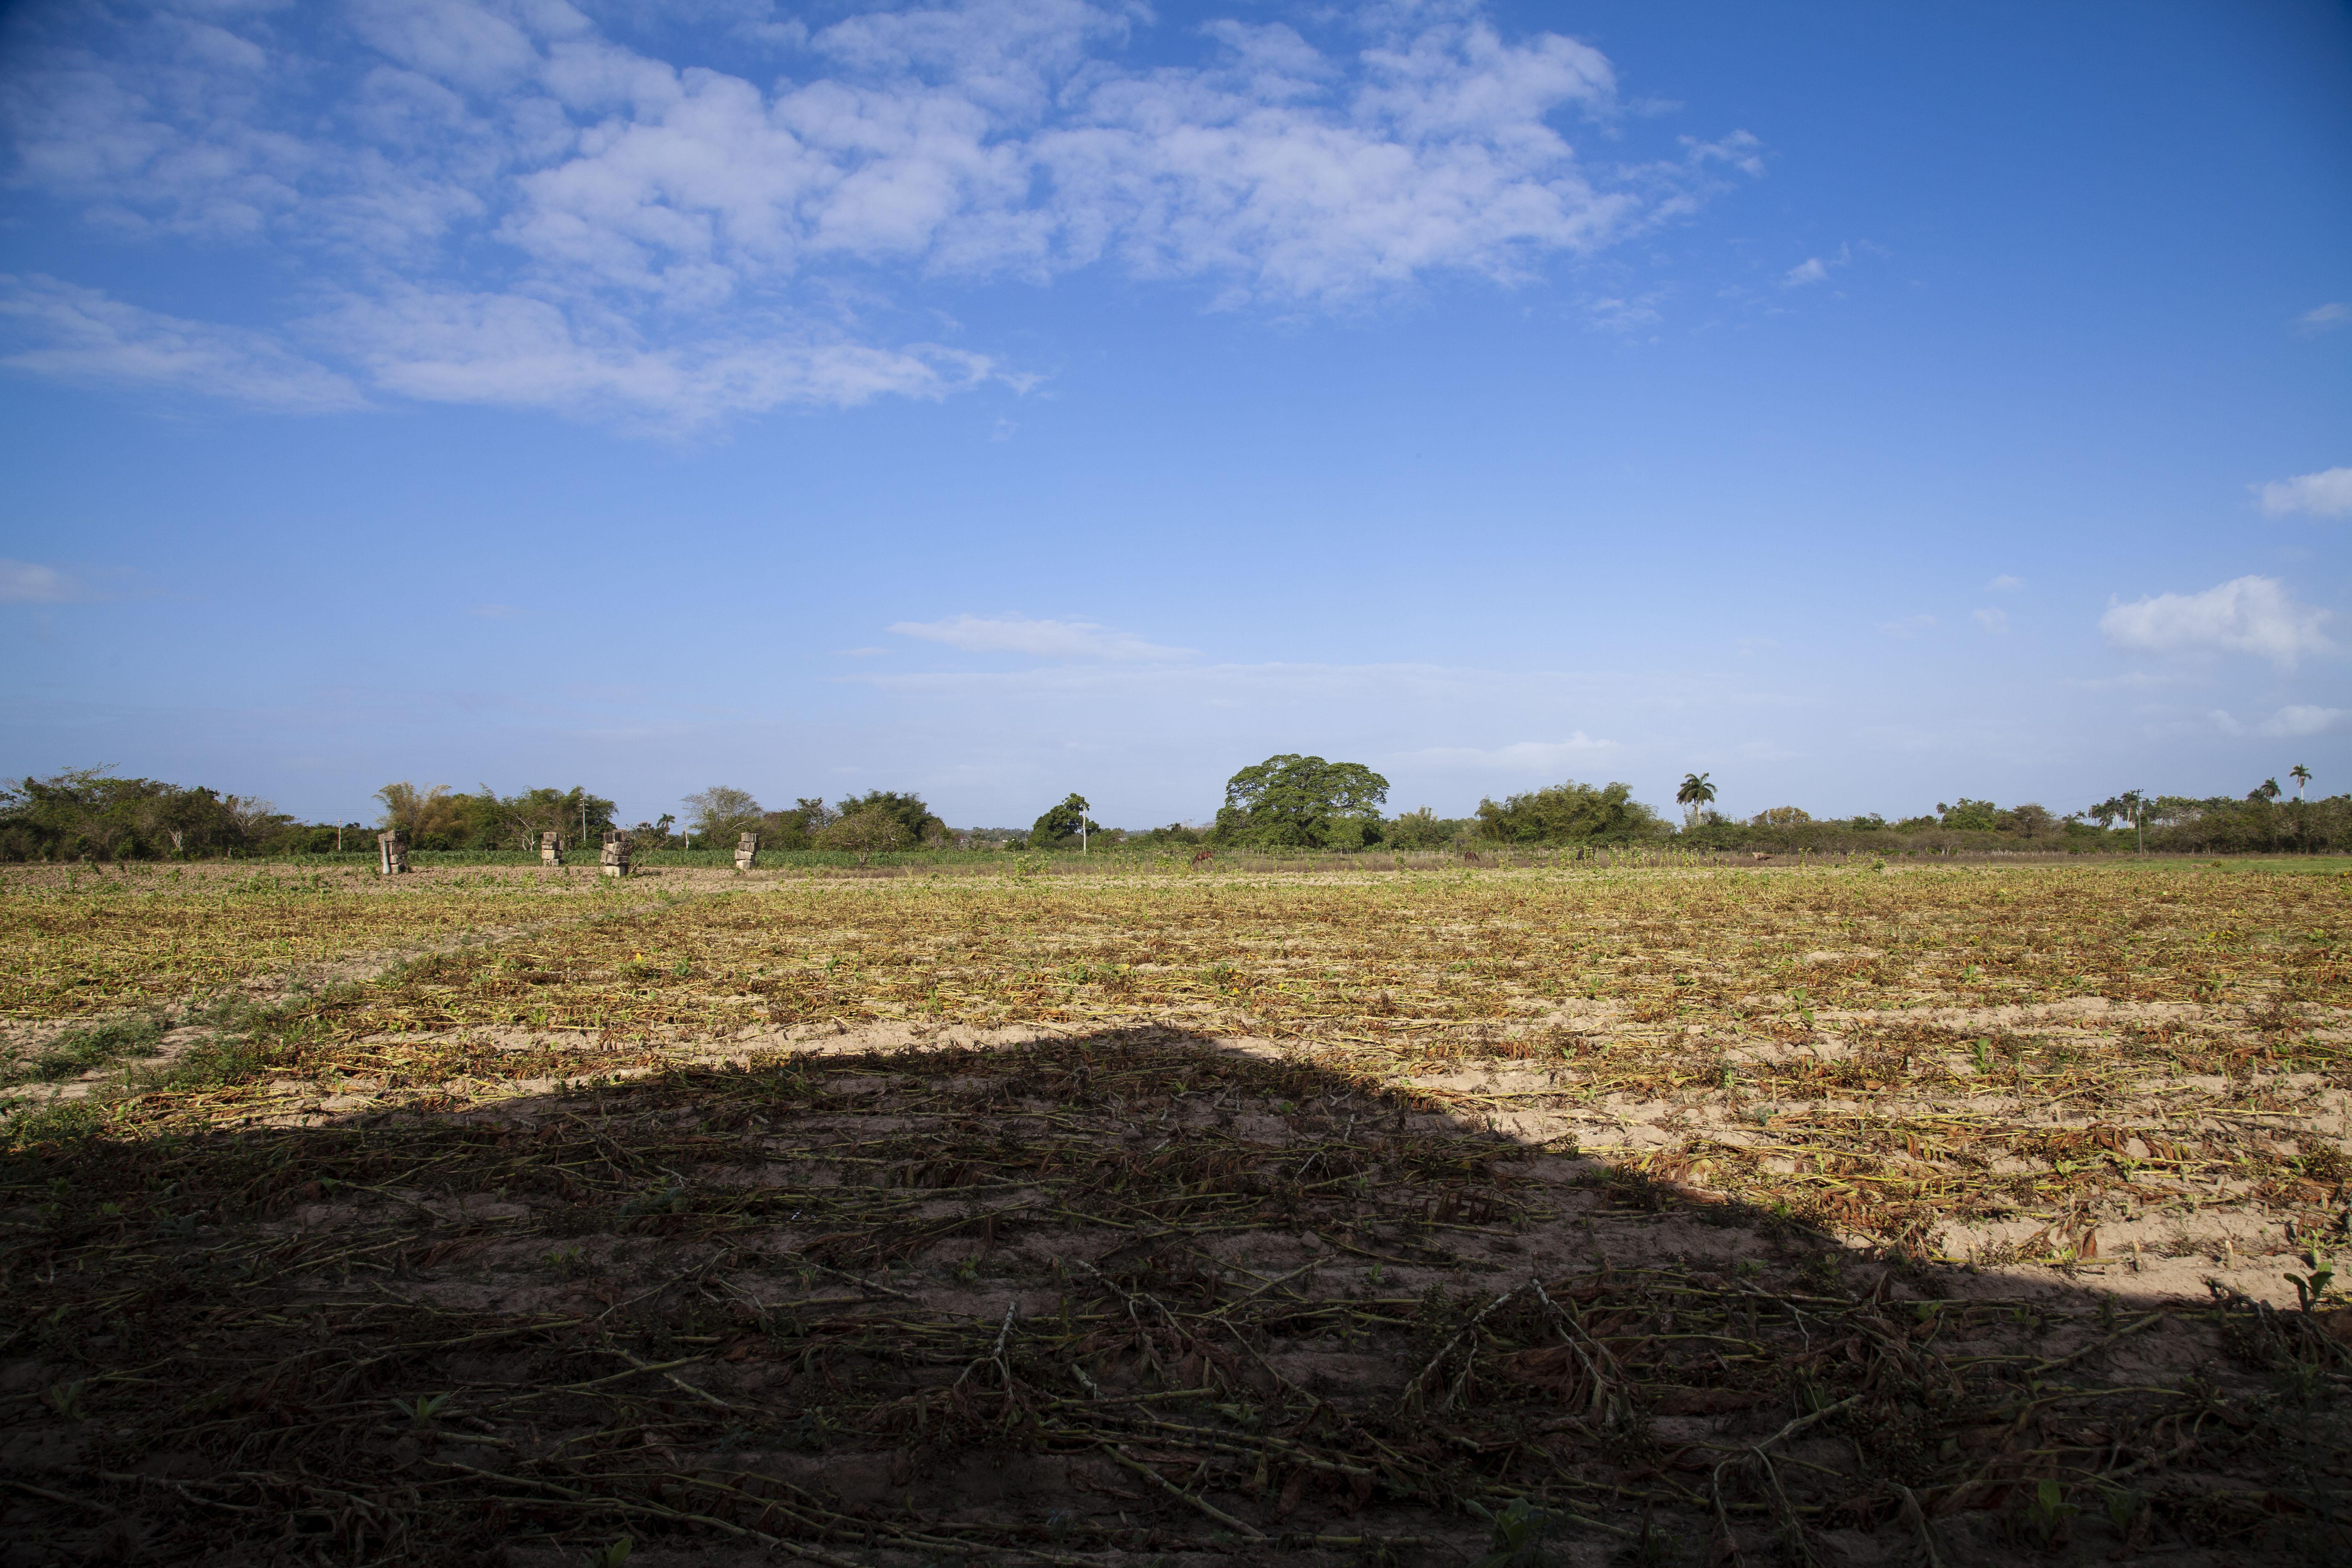 Nos campos do Sr. Sanches (II)